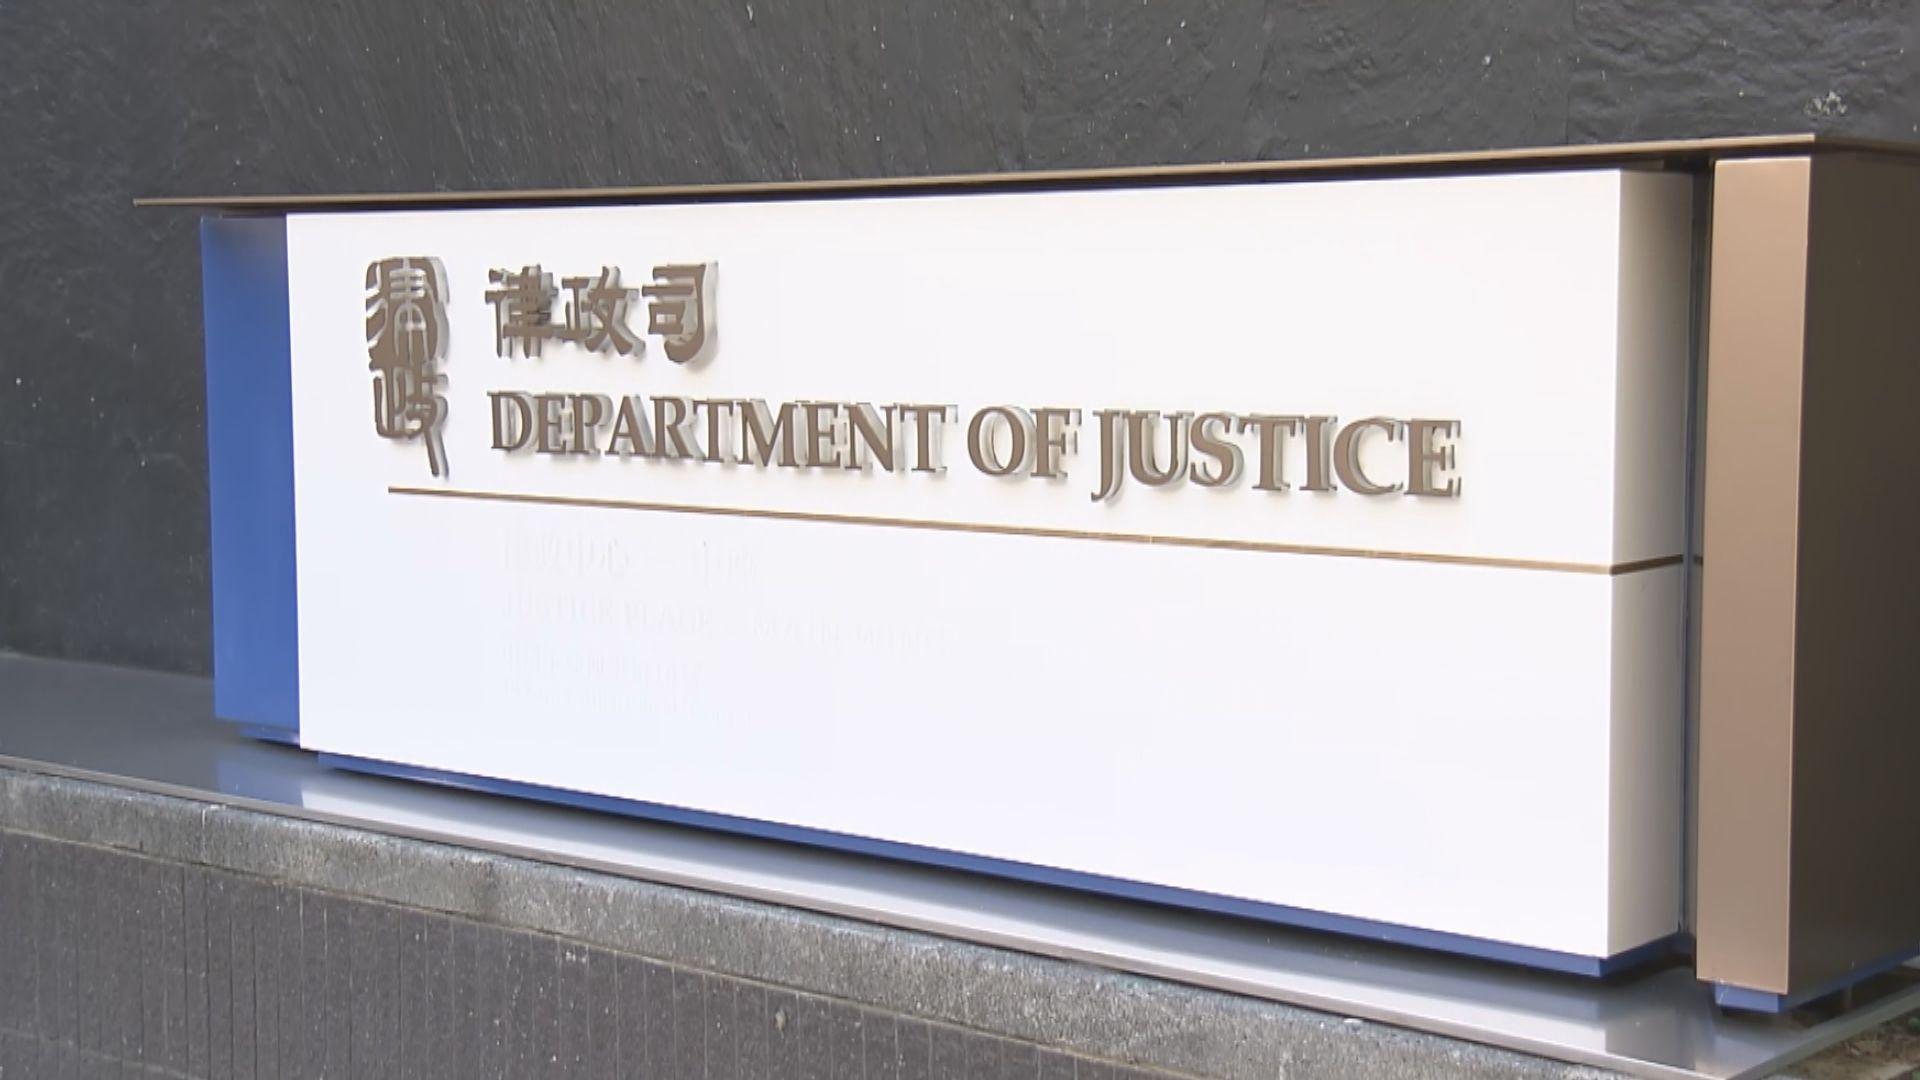 付國豪被襲案 律政司:得悉法官言論會檢視案例作跟進